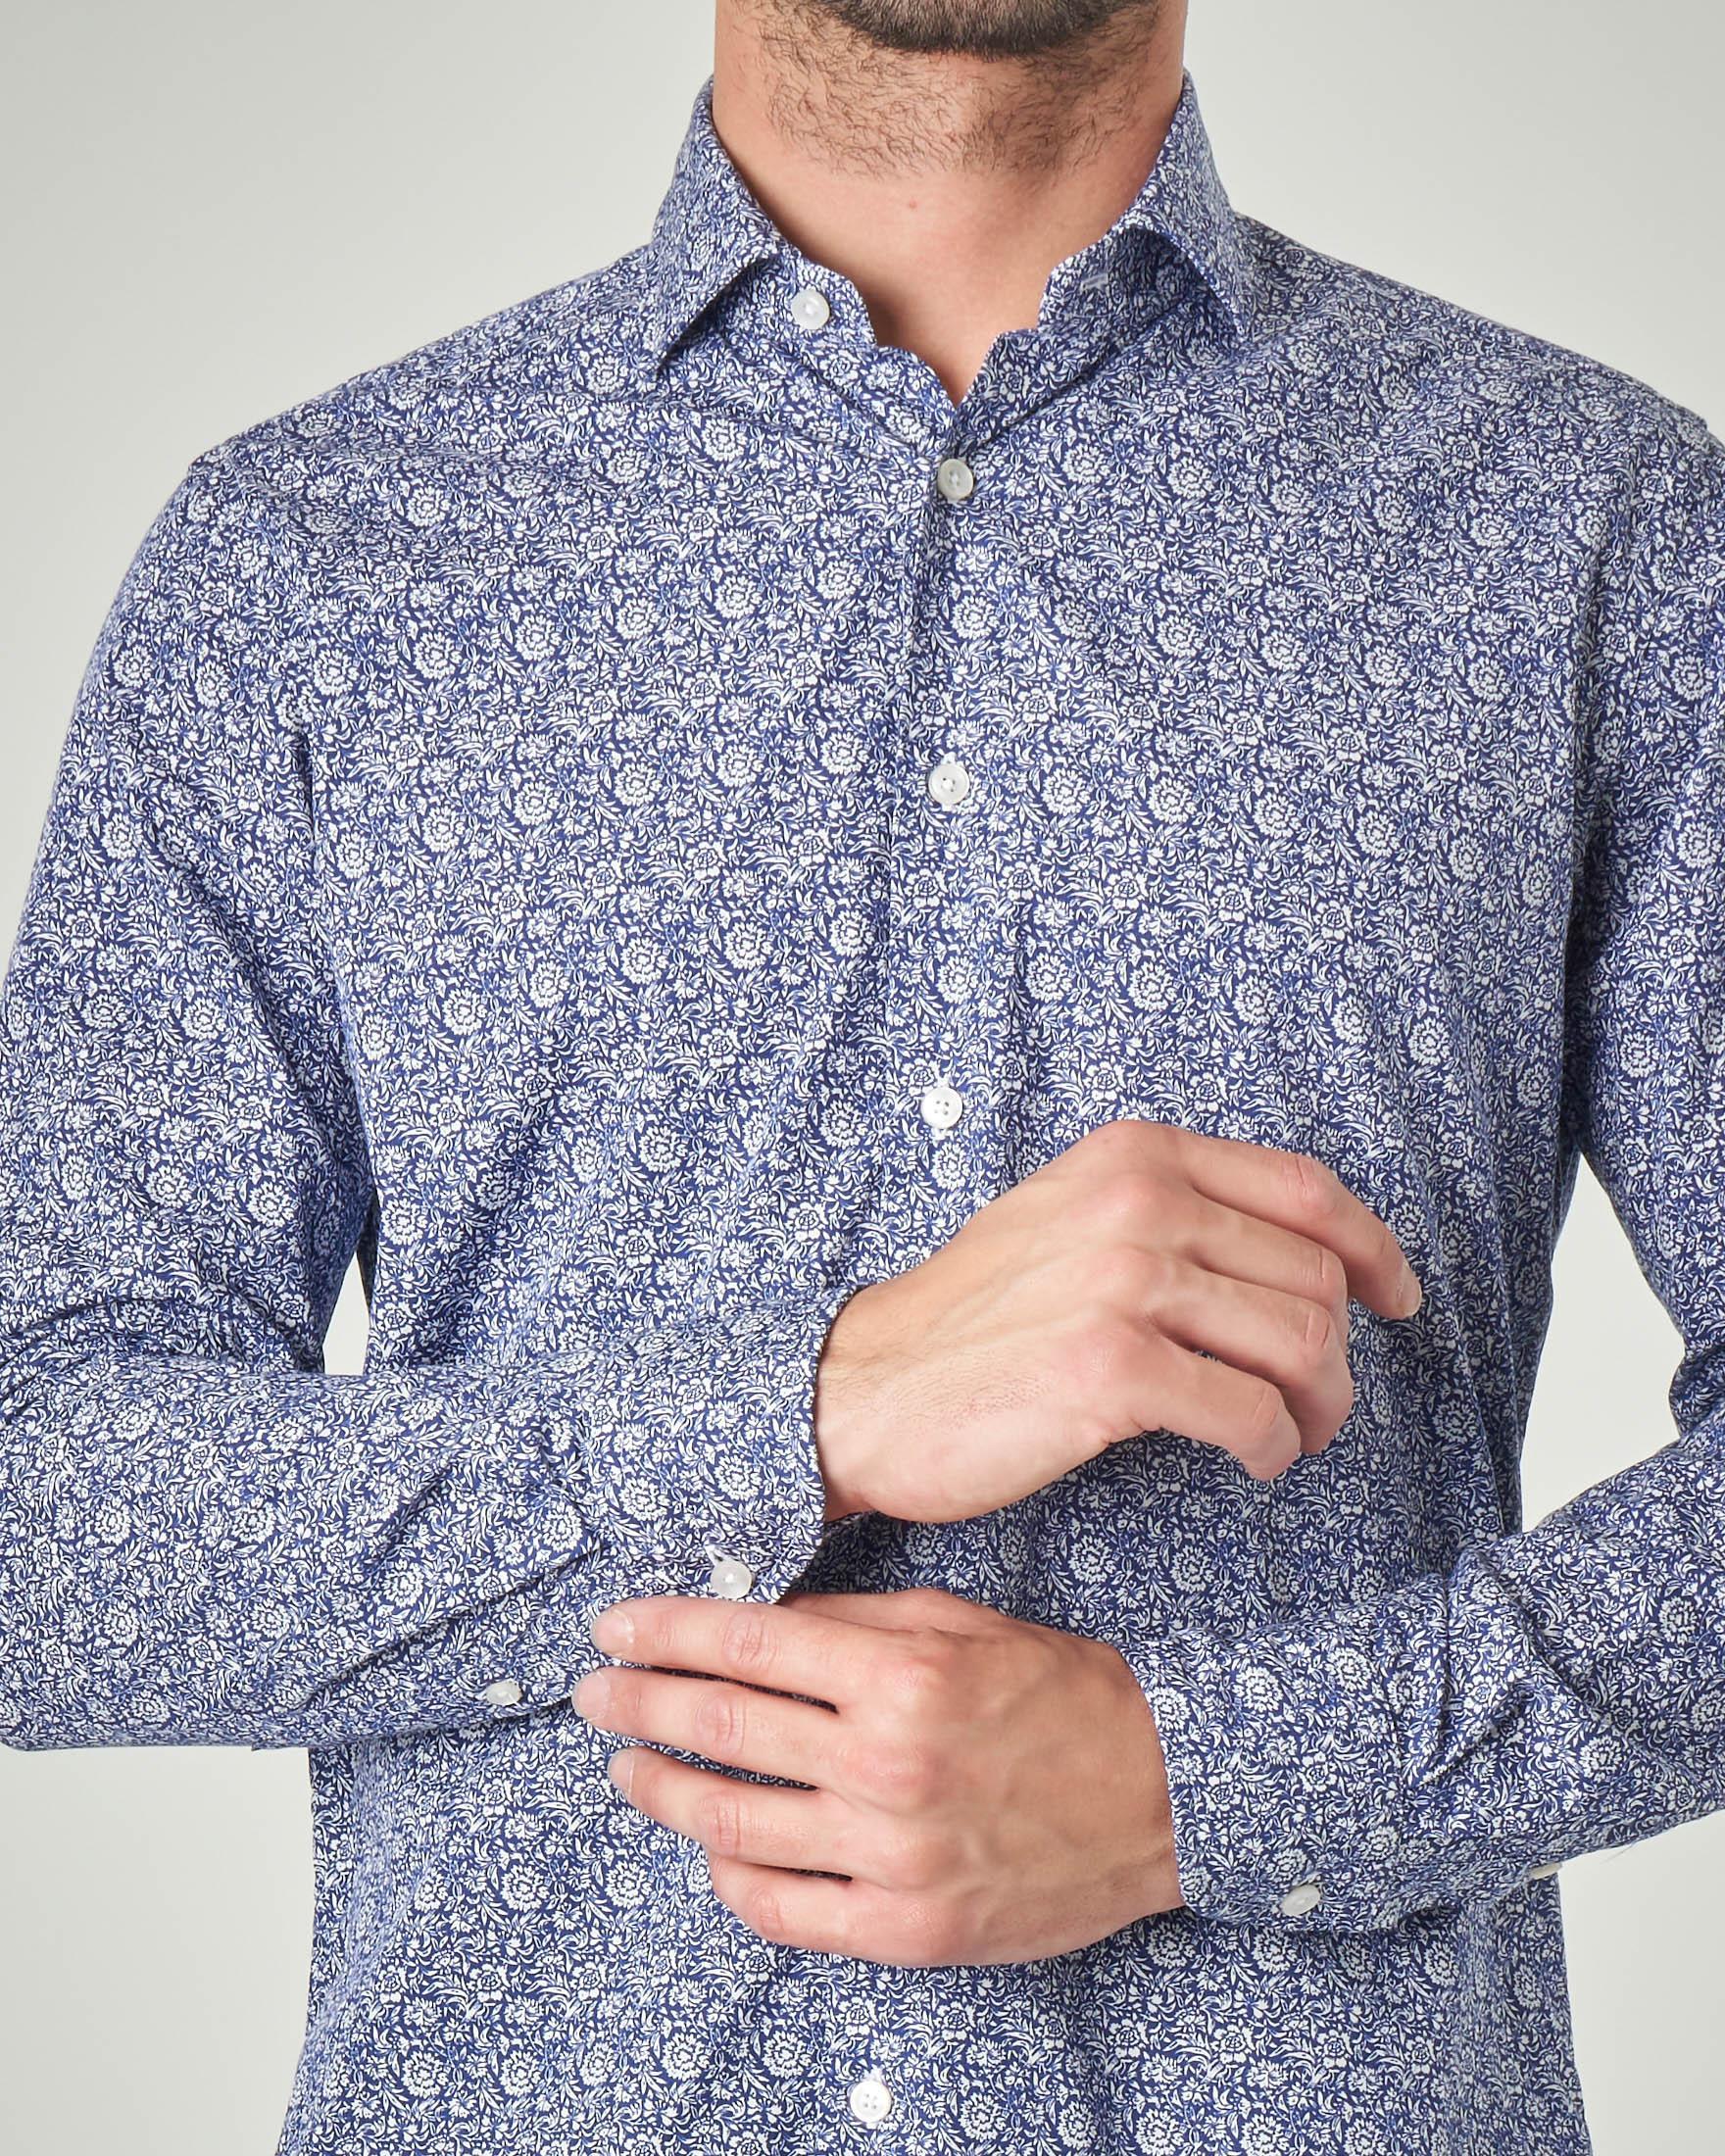 Camicia blu con collo francese in cotone fantasia floreale